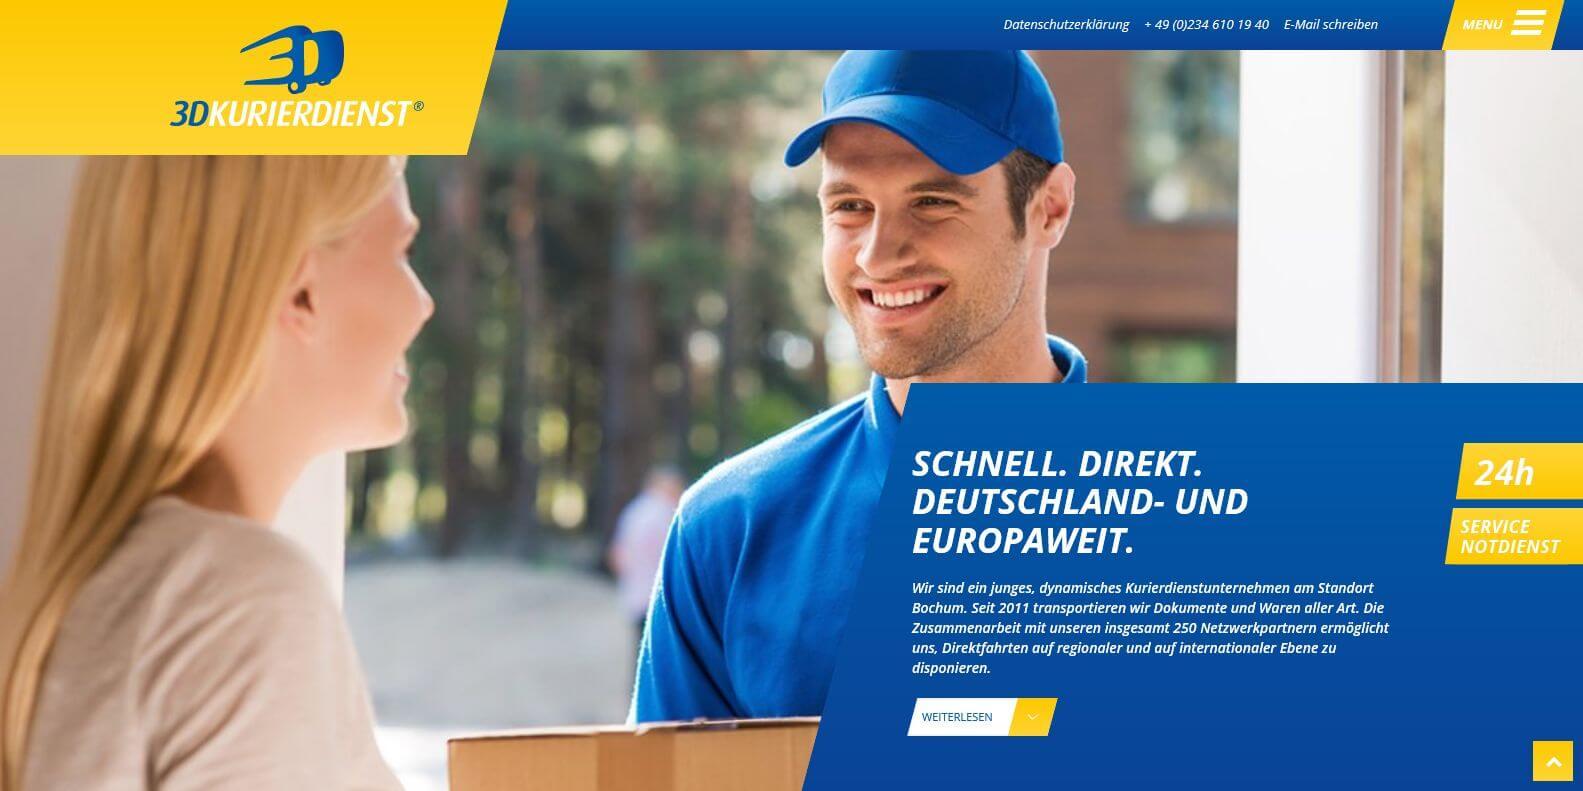 Image of 3D-Kurierdienst UG in Bochum